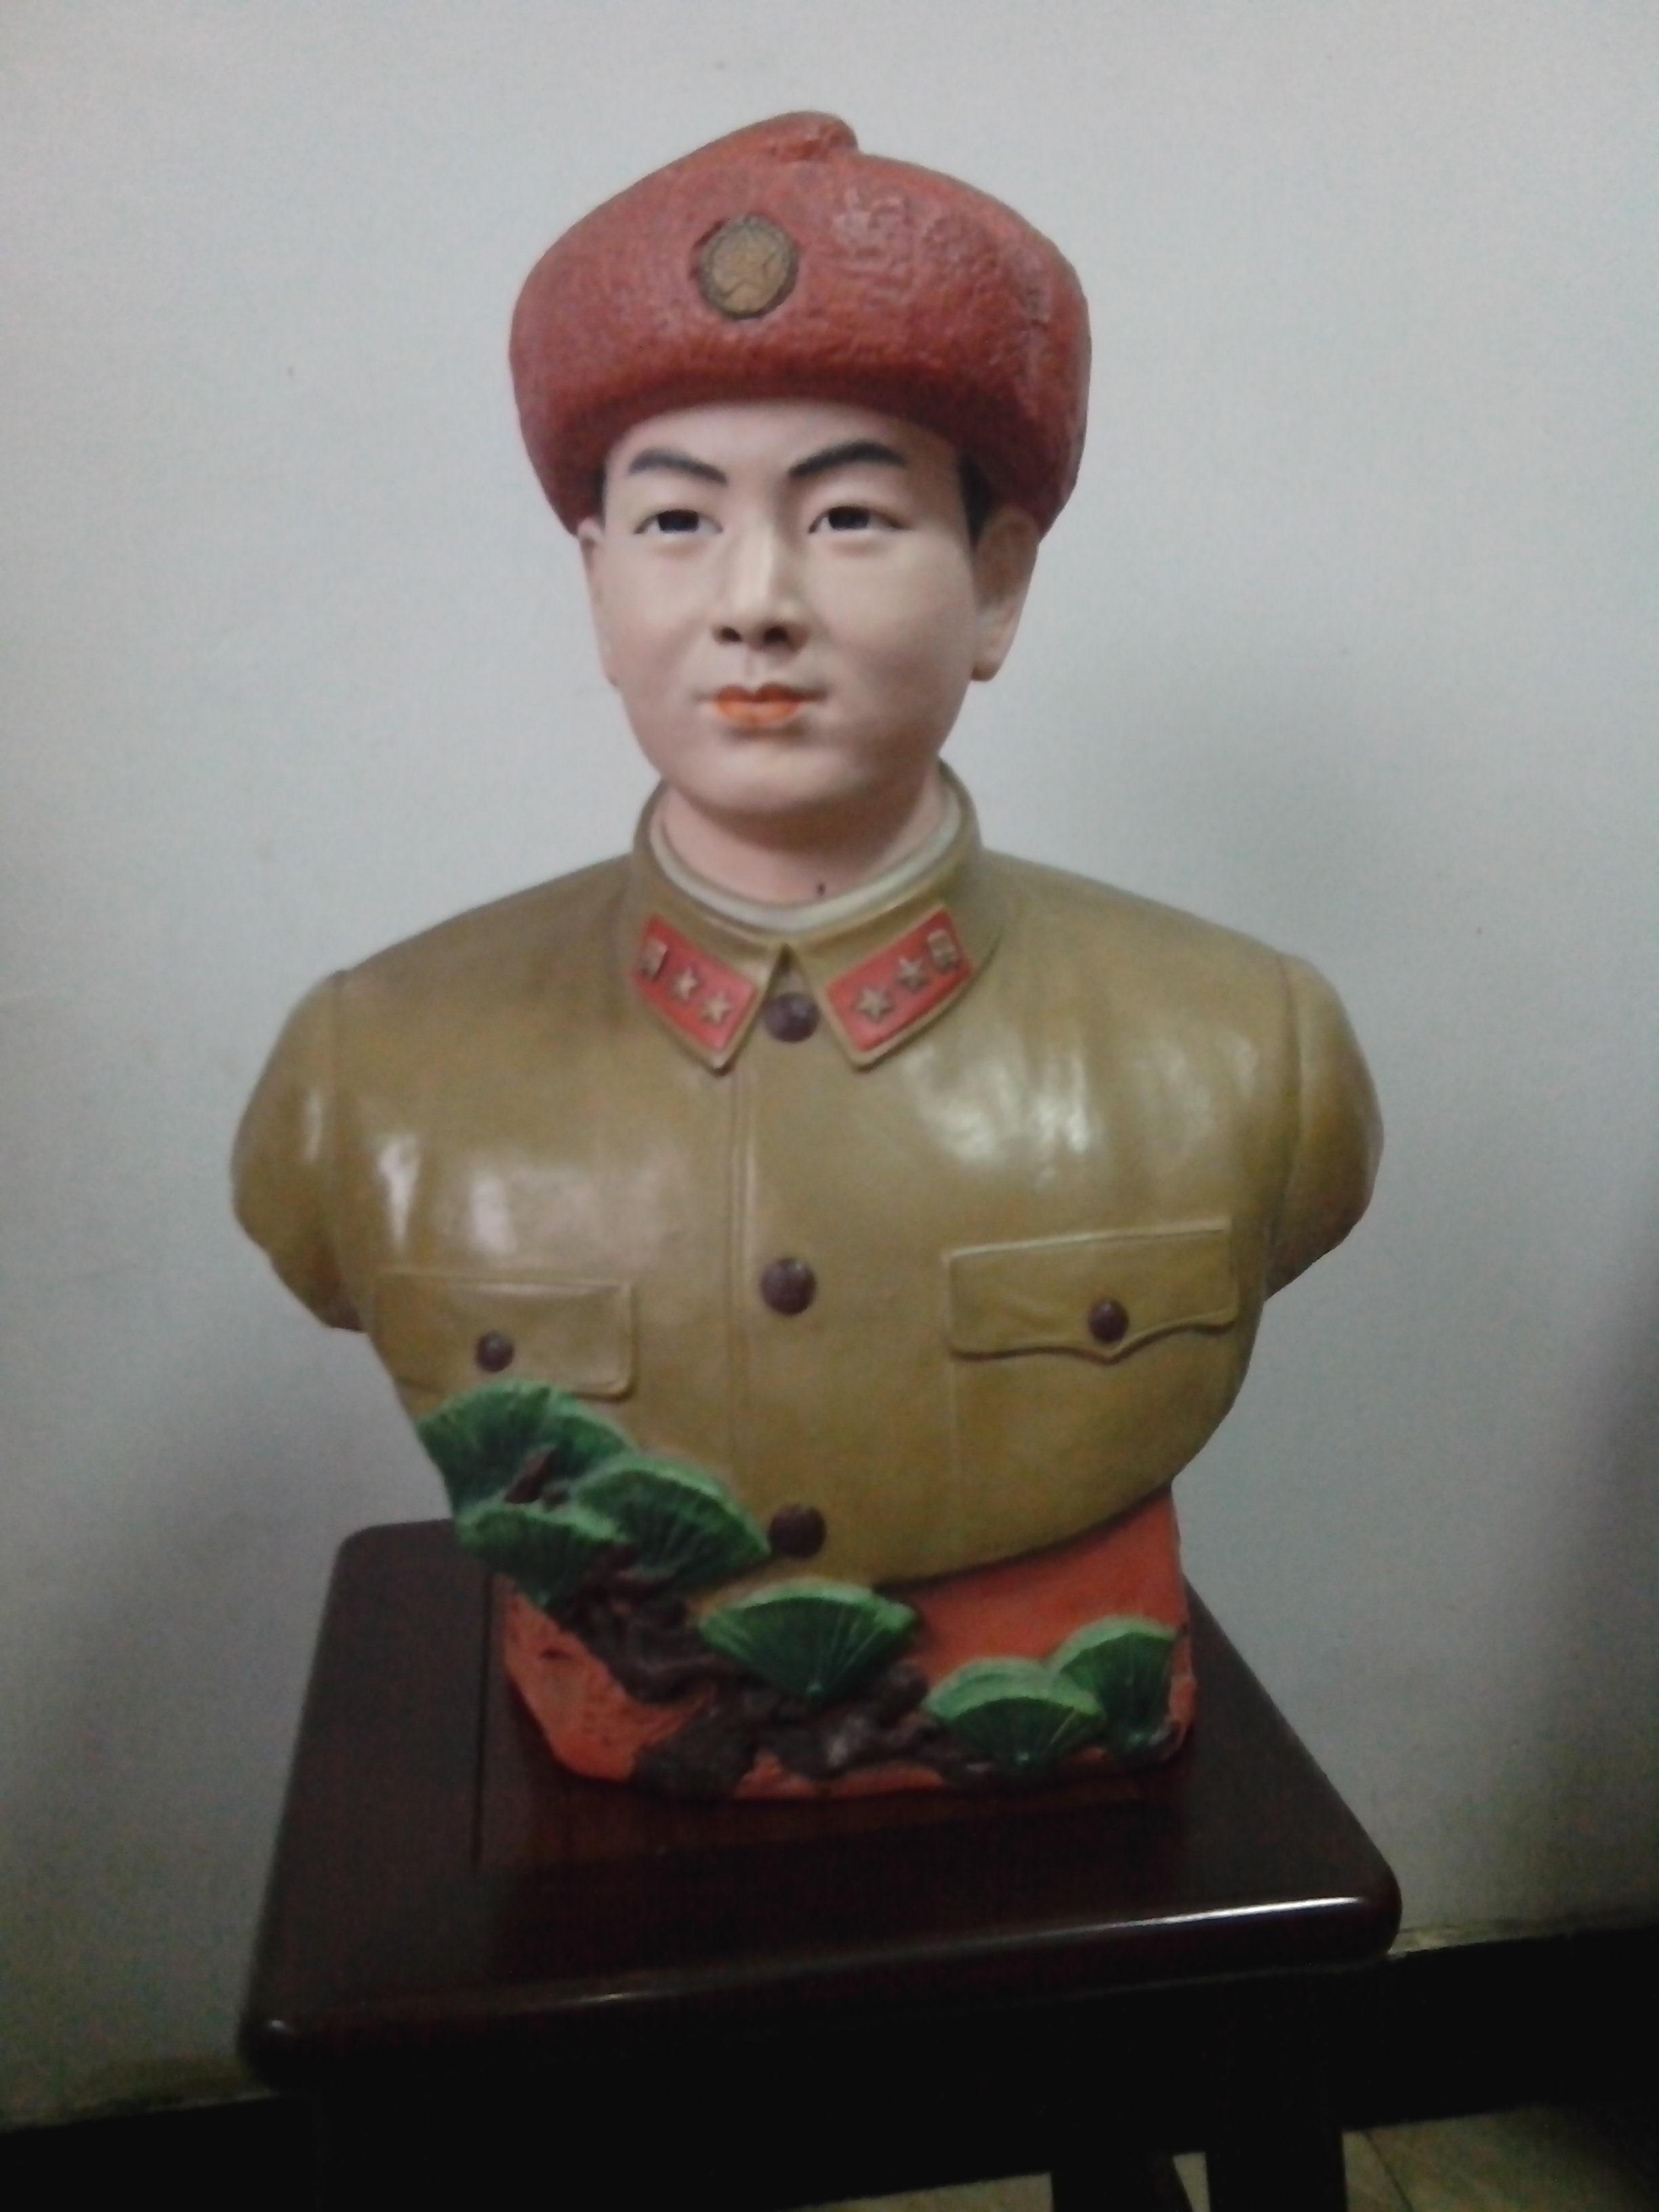 丹阳坊 - 景德镇70年代陶瓷雕塑雷锋